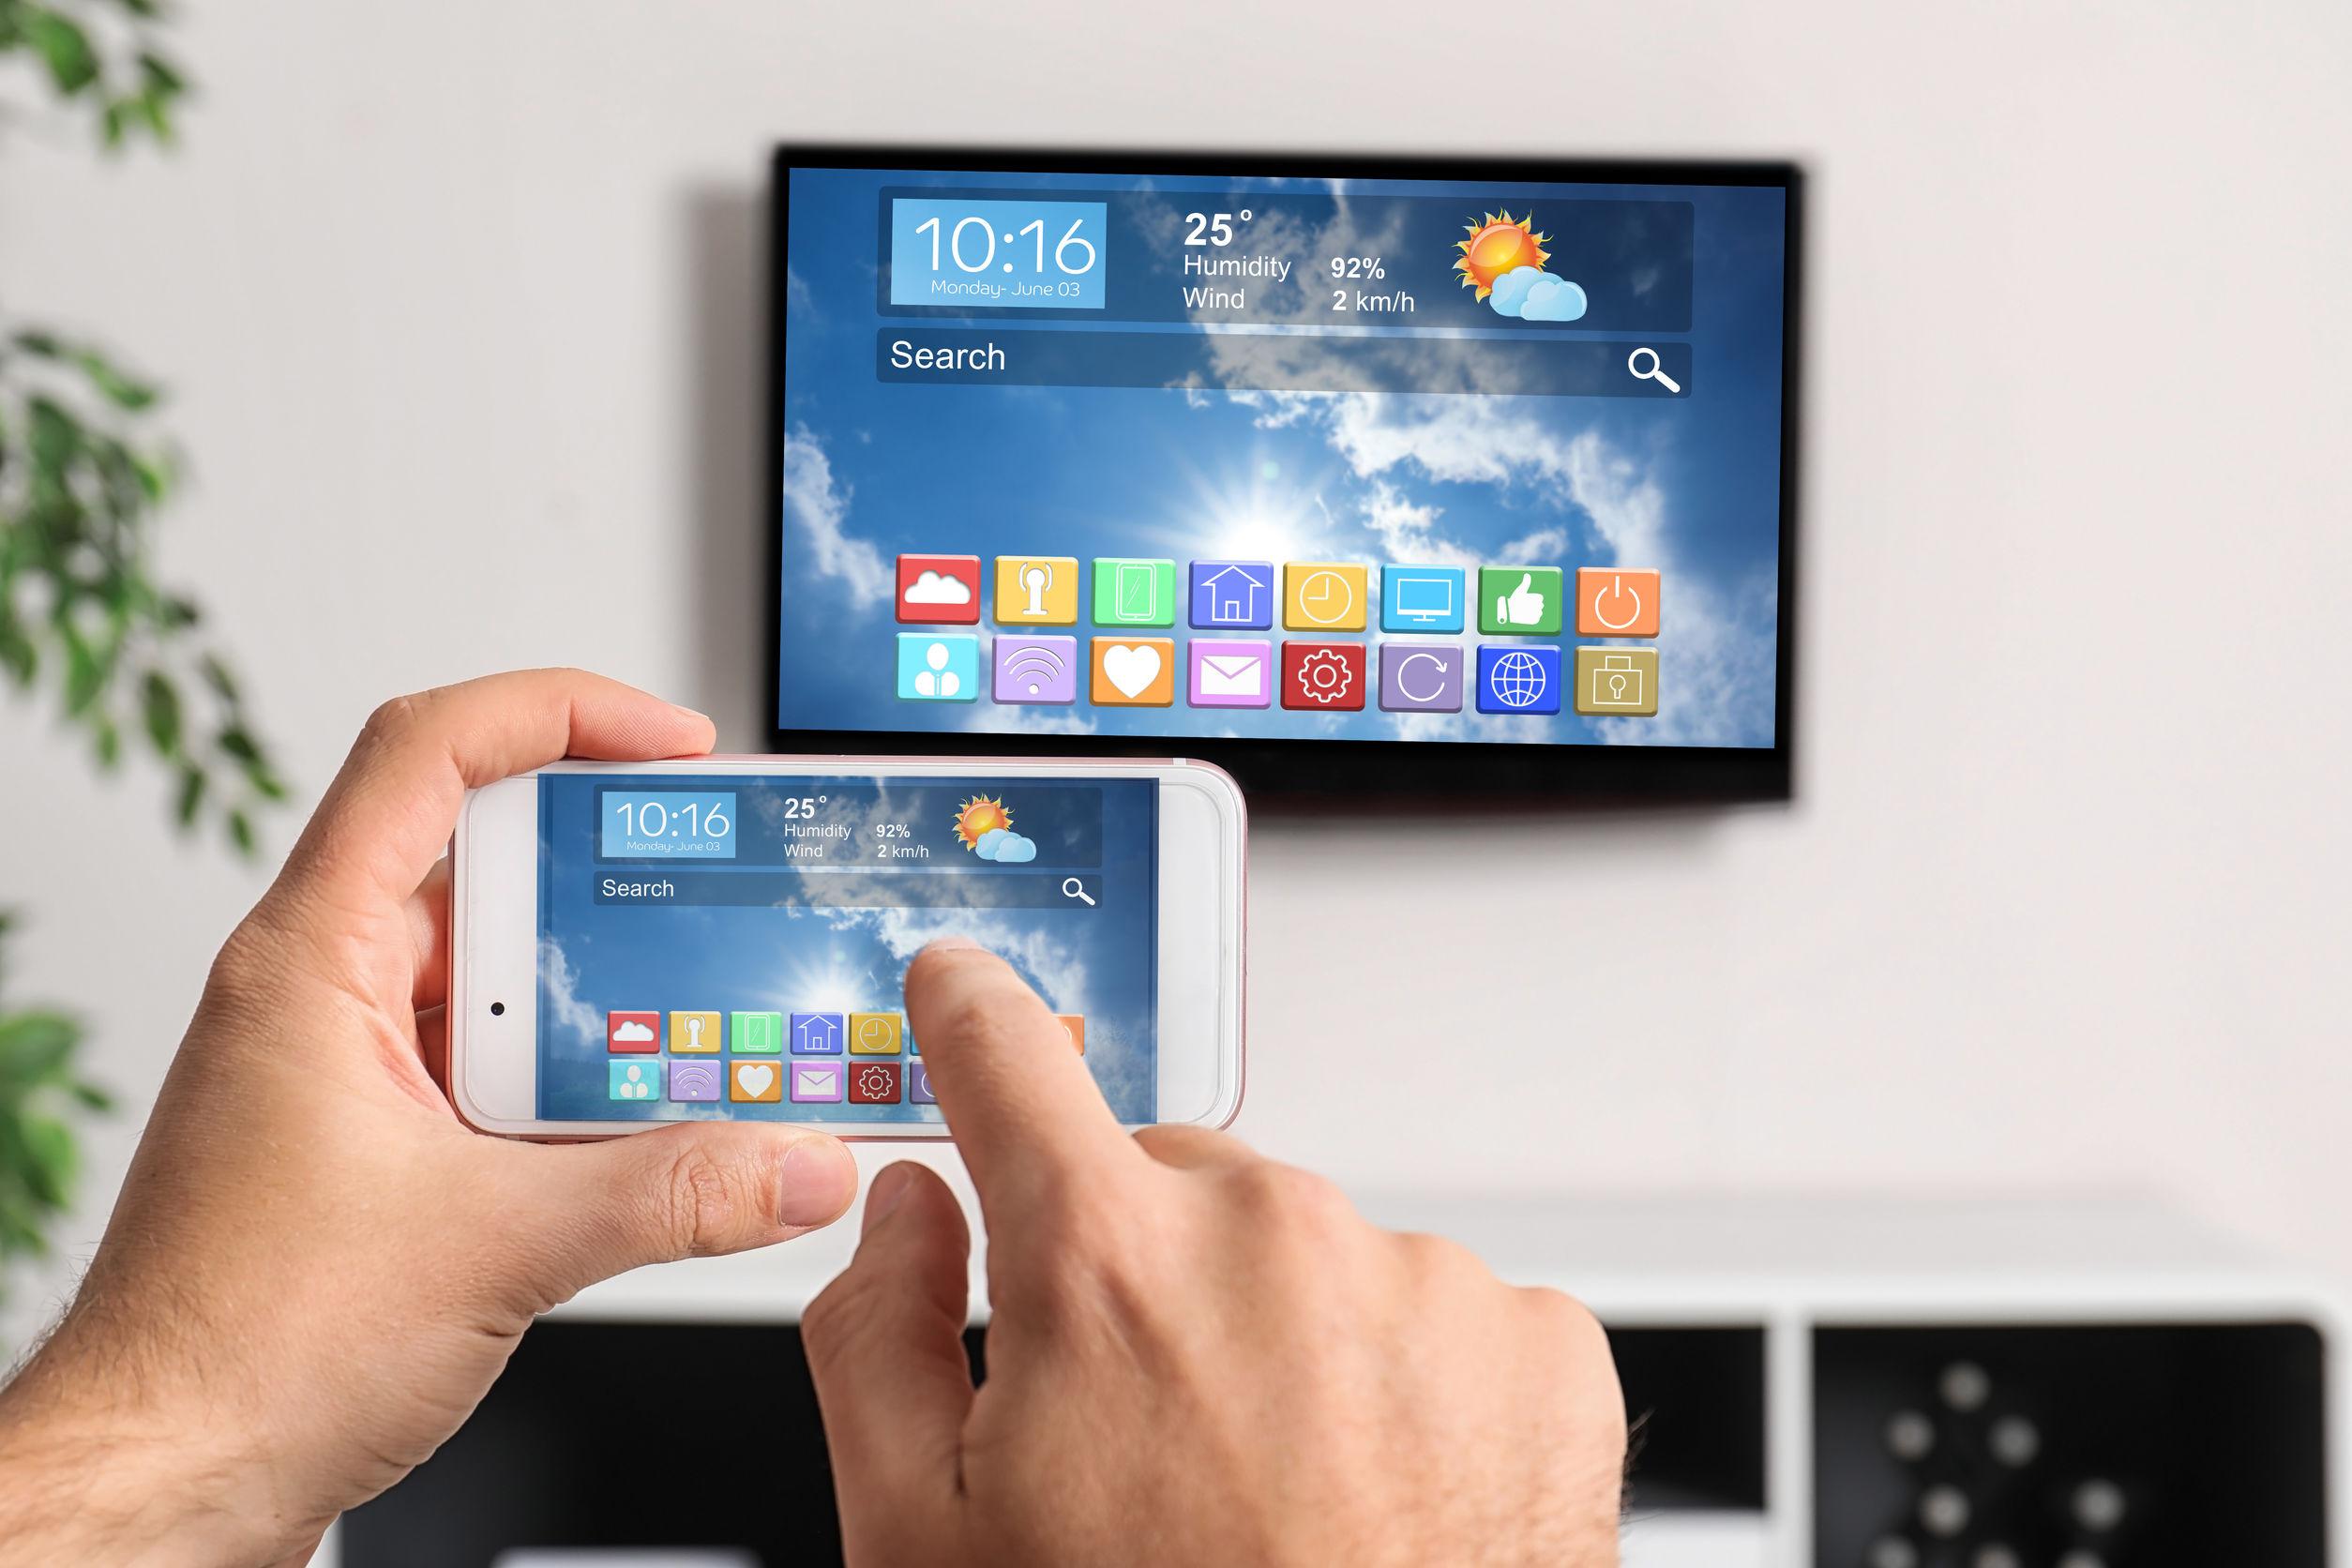 Hombre usando el teléfono conectado a la televisión inteligente en el salón